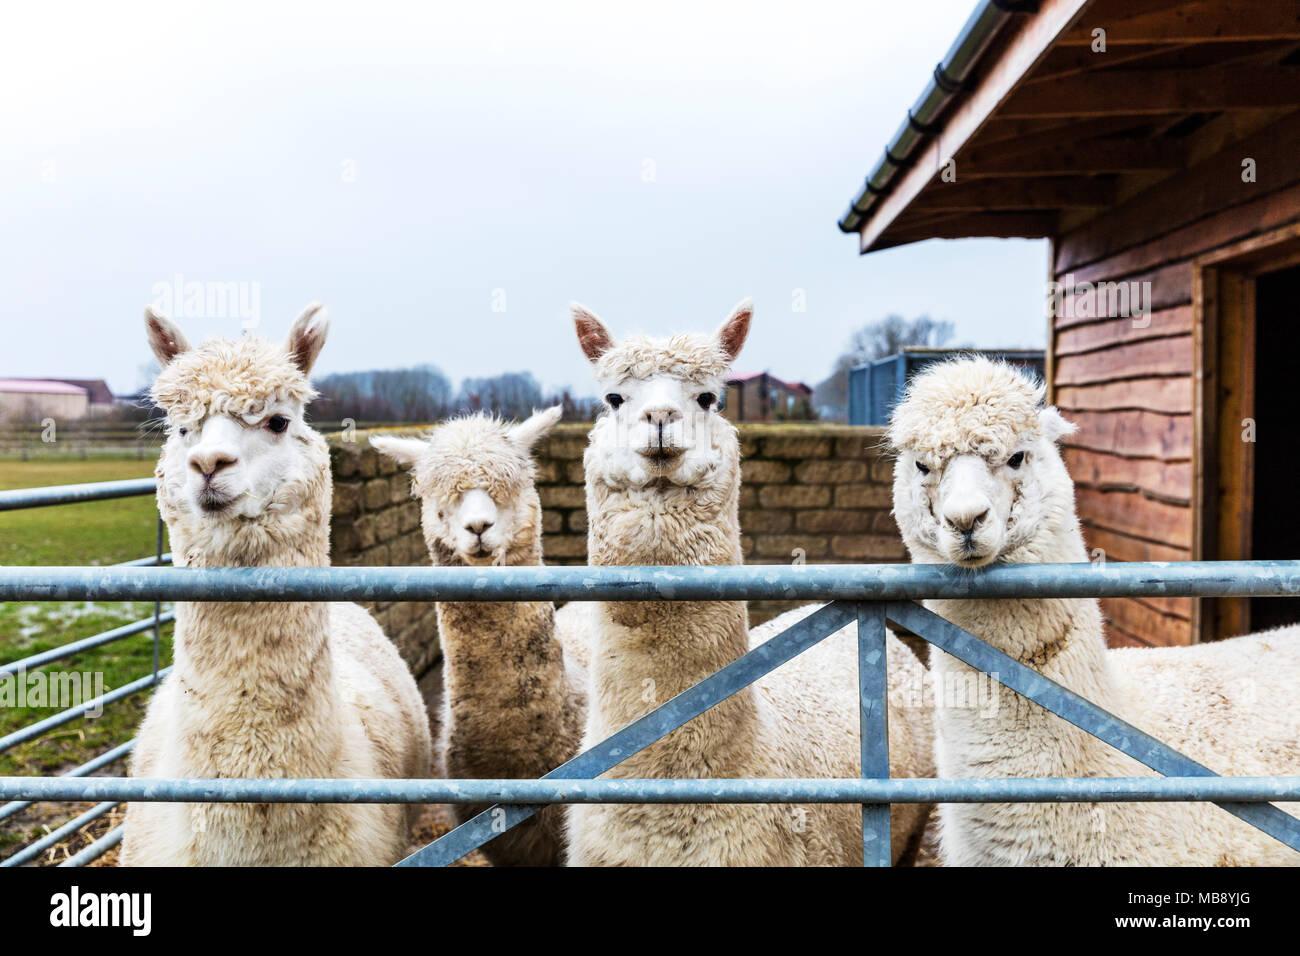 La granja de alpacas, Alpacas, Vicugna pacos, las especies domesticadas de camélidos sudamericanos, la alpaca alpacas mirando más de cerca, lindo alpacas, animalitos, Imagen De Stock